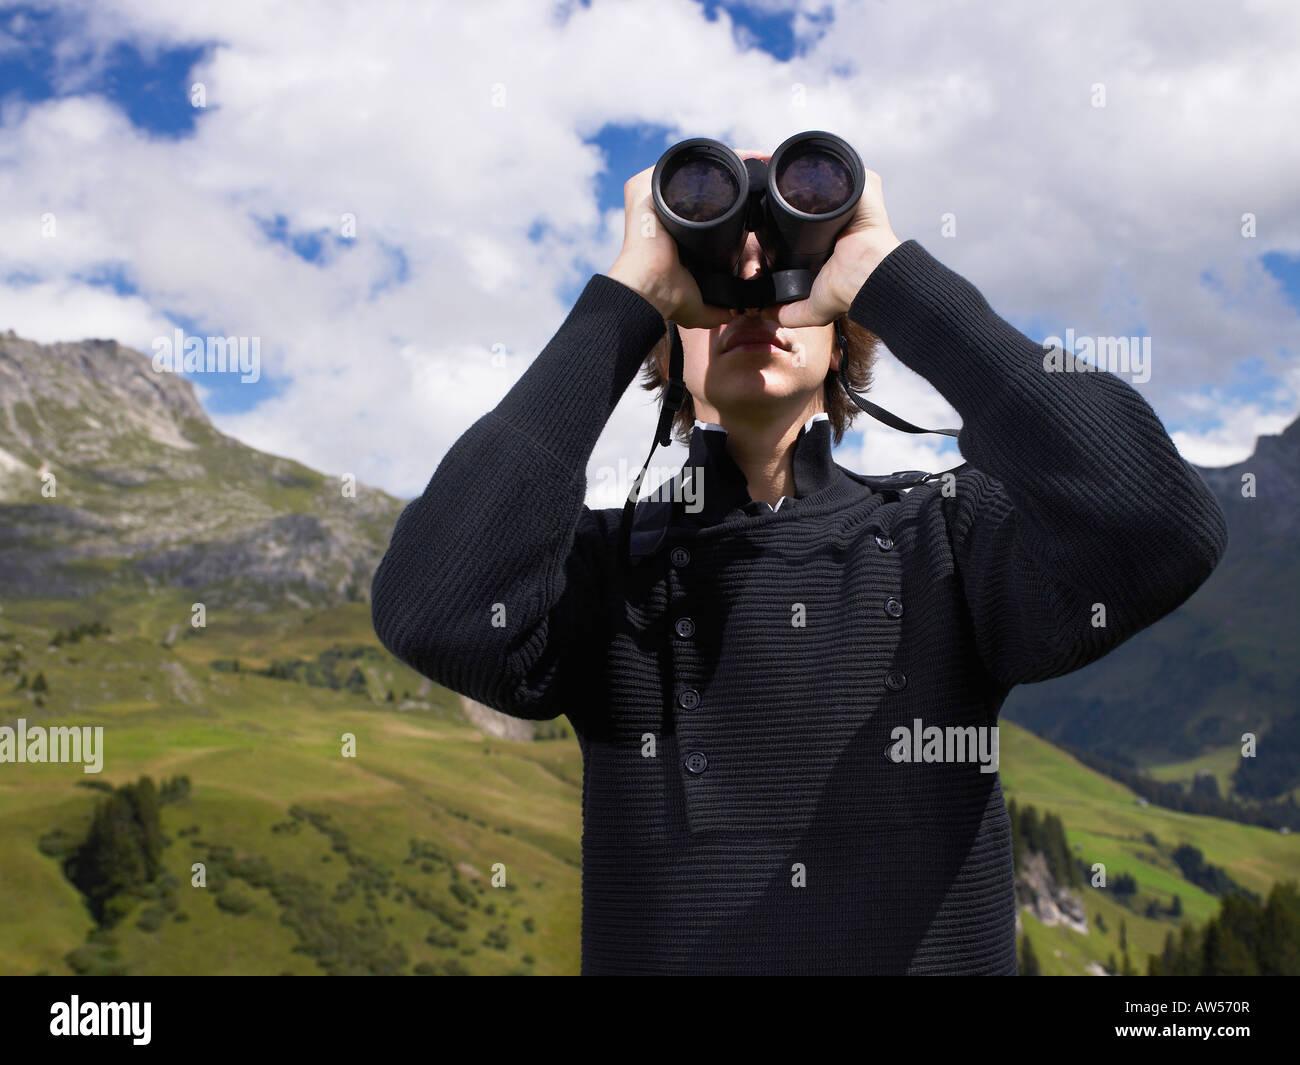 Uomo che guarda attraverso il suo binocolo. Immagini Stock